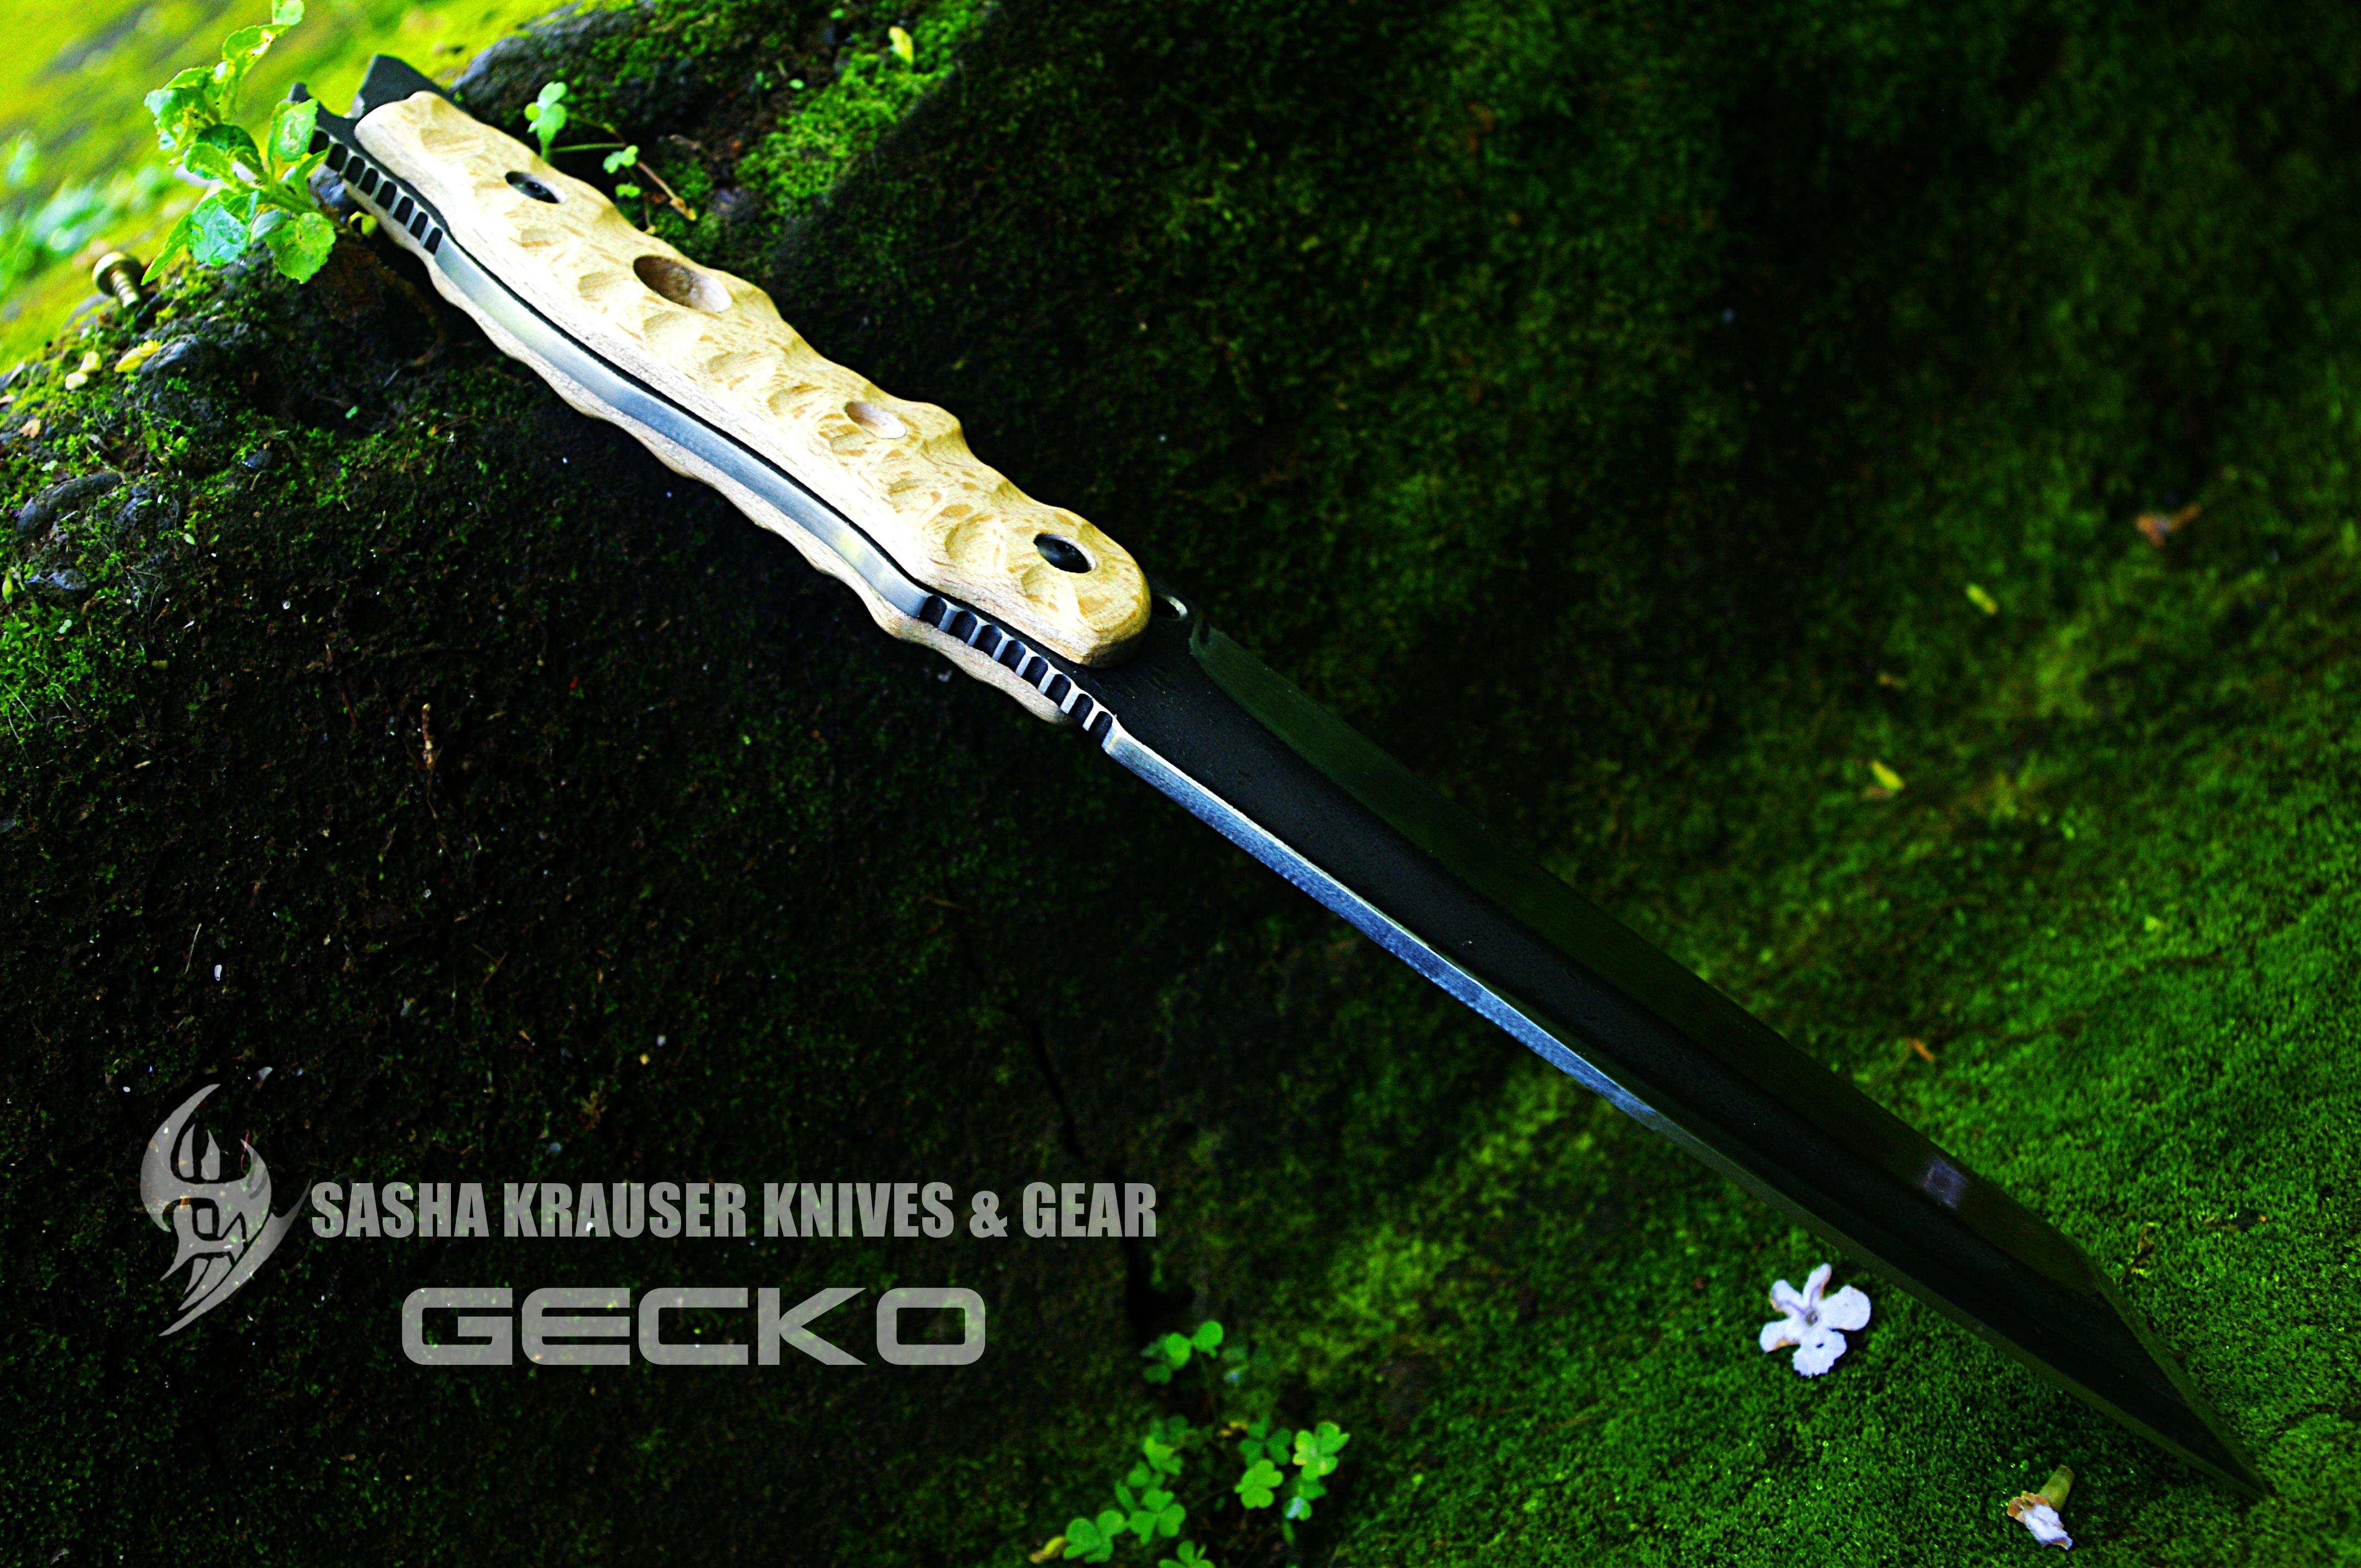 Gecko tactical tanto unbreakable